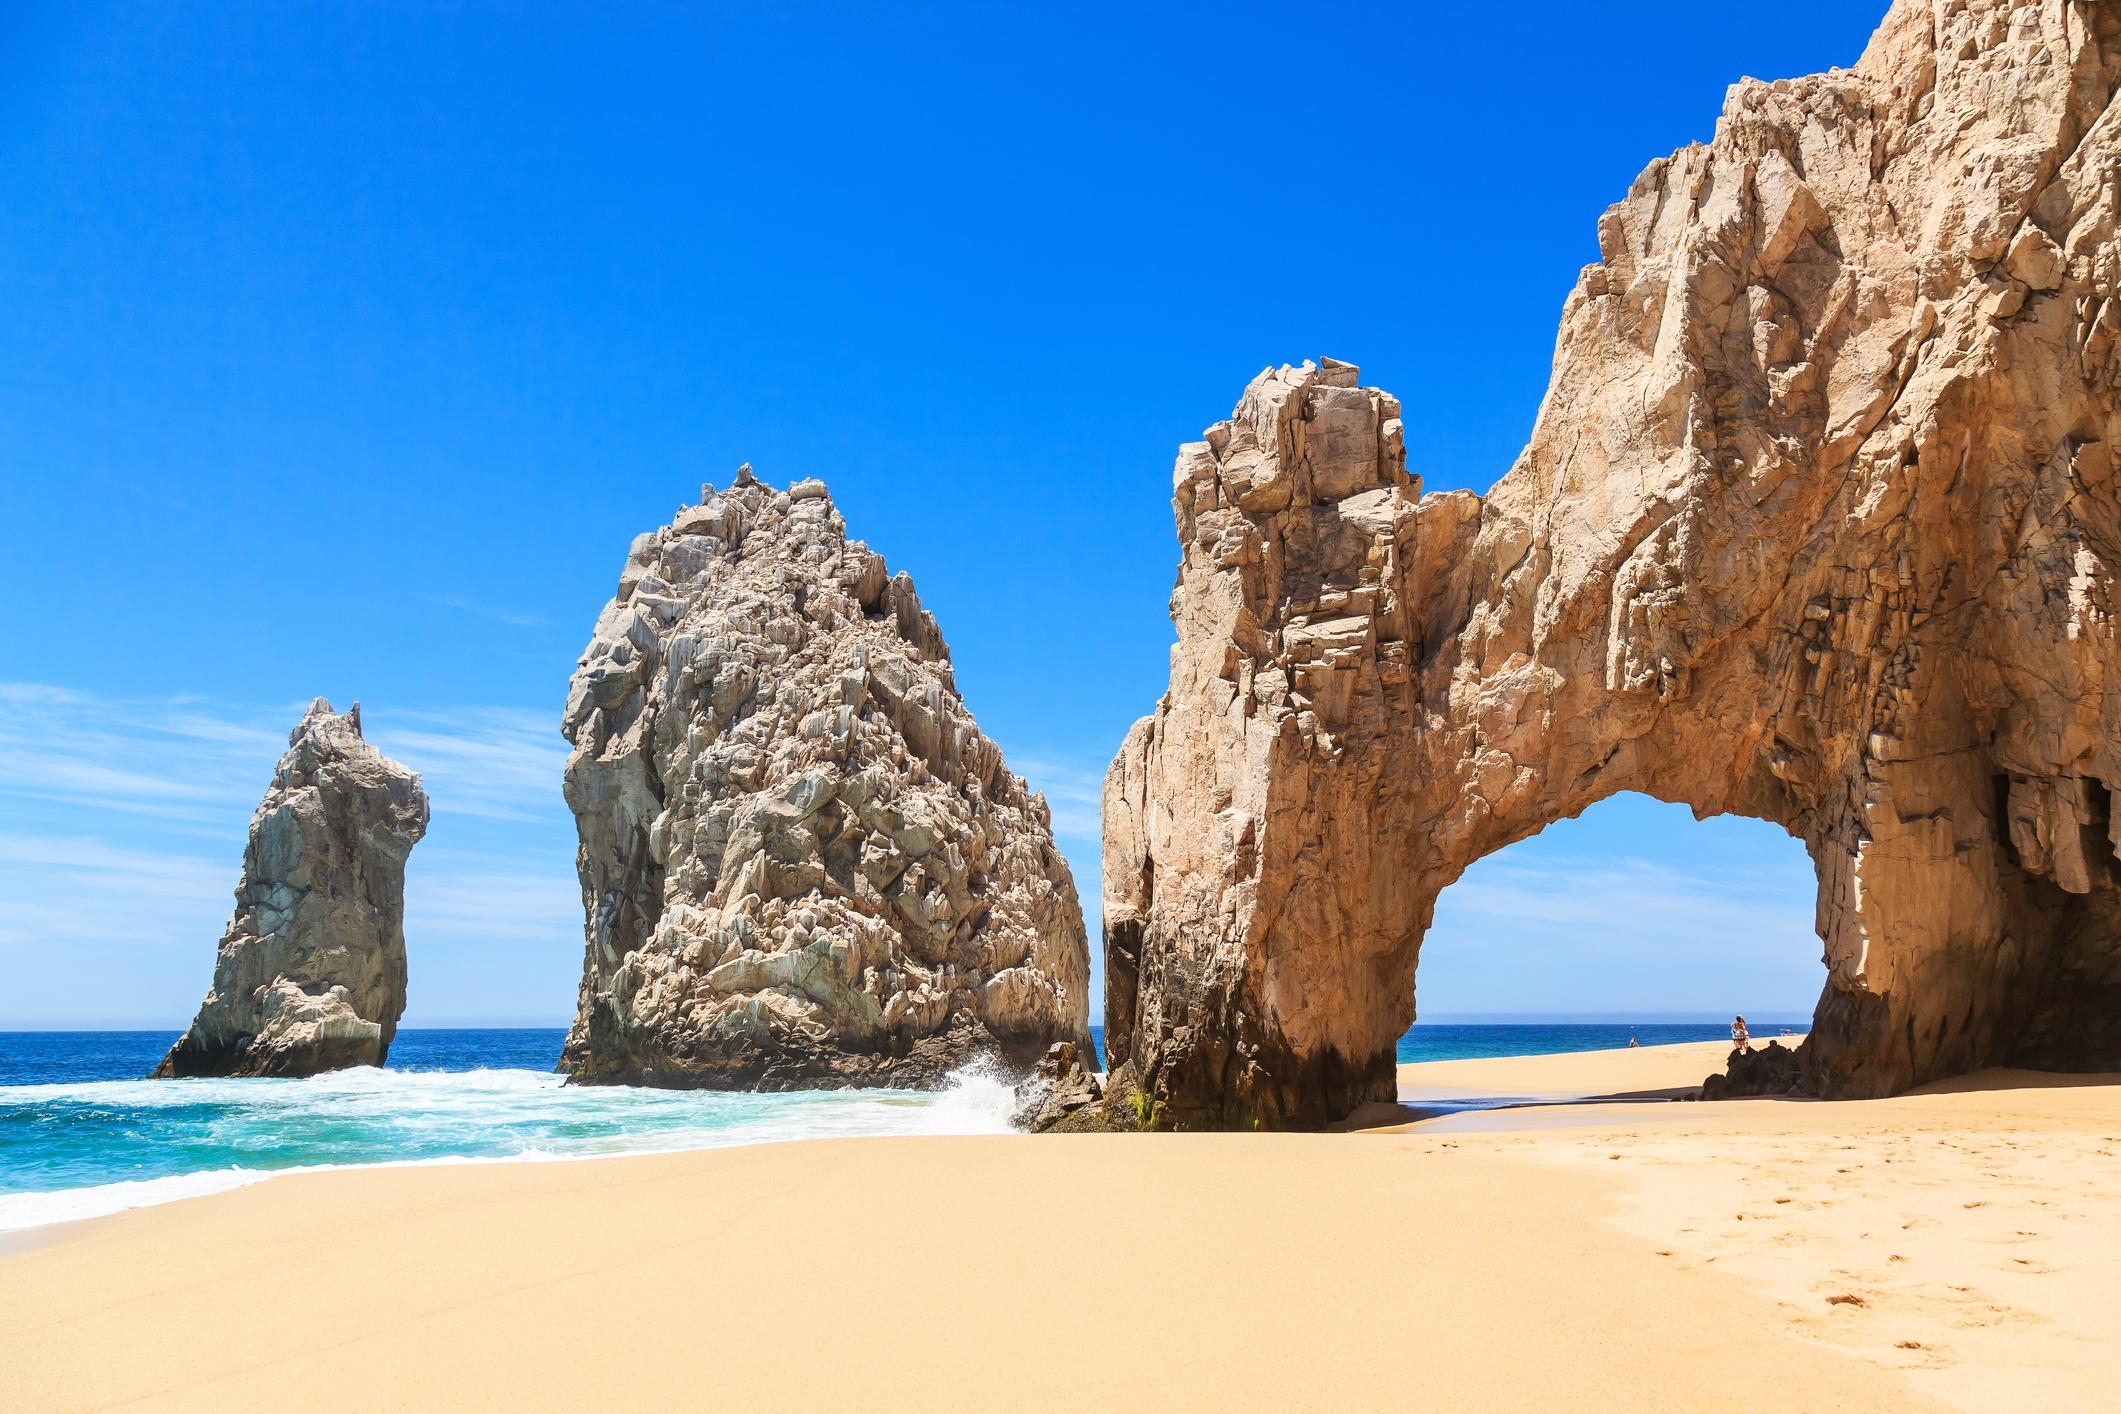 Cabo-san-lucas-baja-california.jpg?mtime=20190320104257#asset:105222